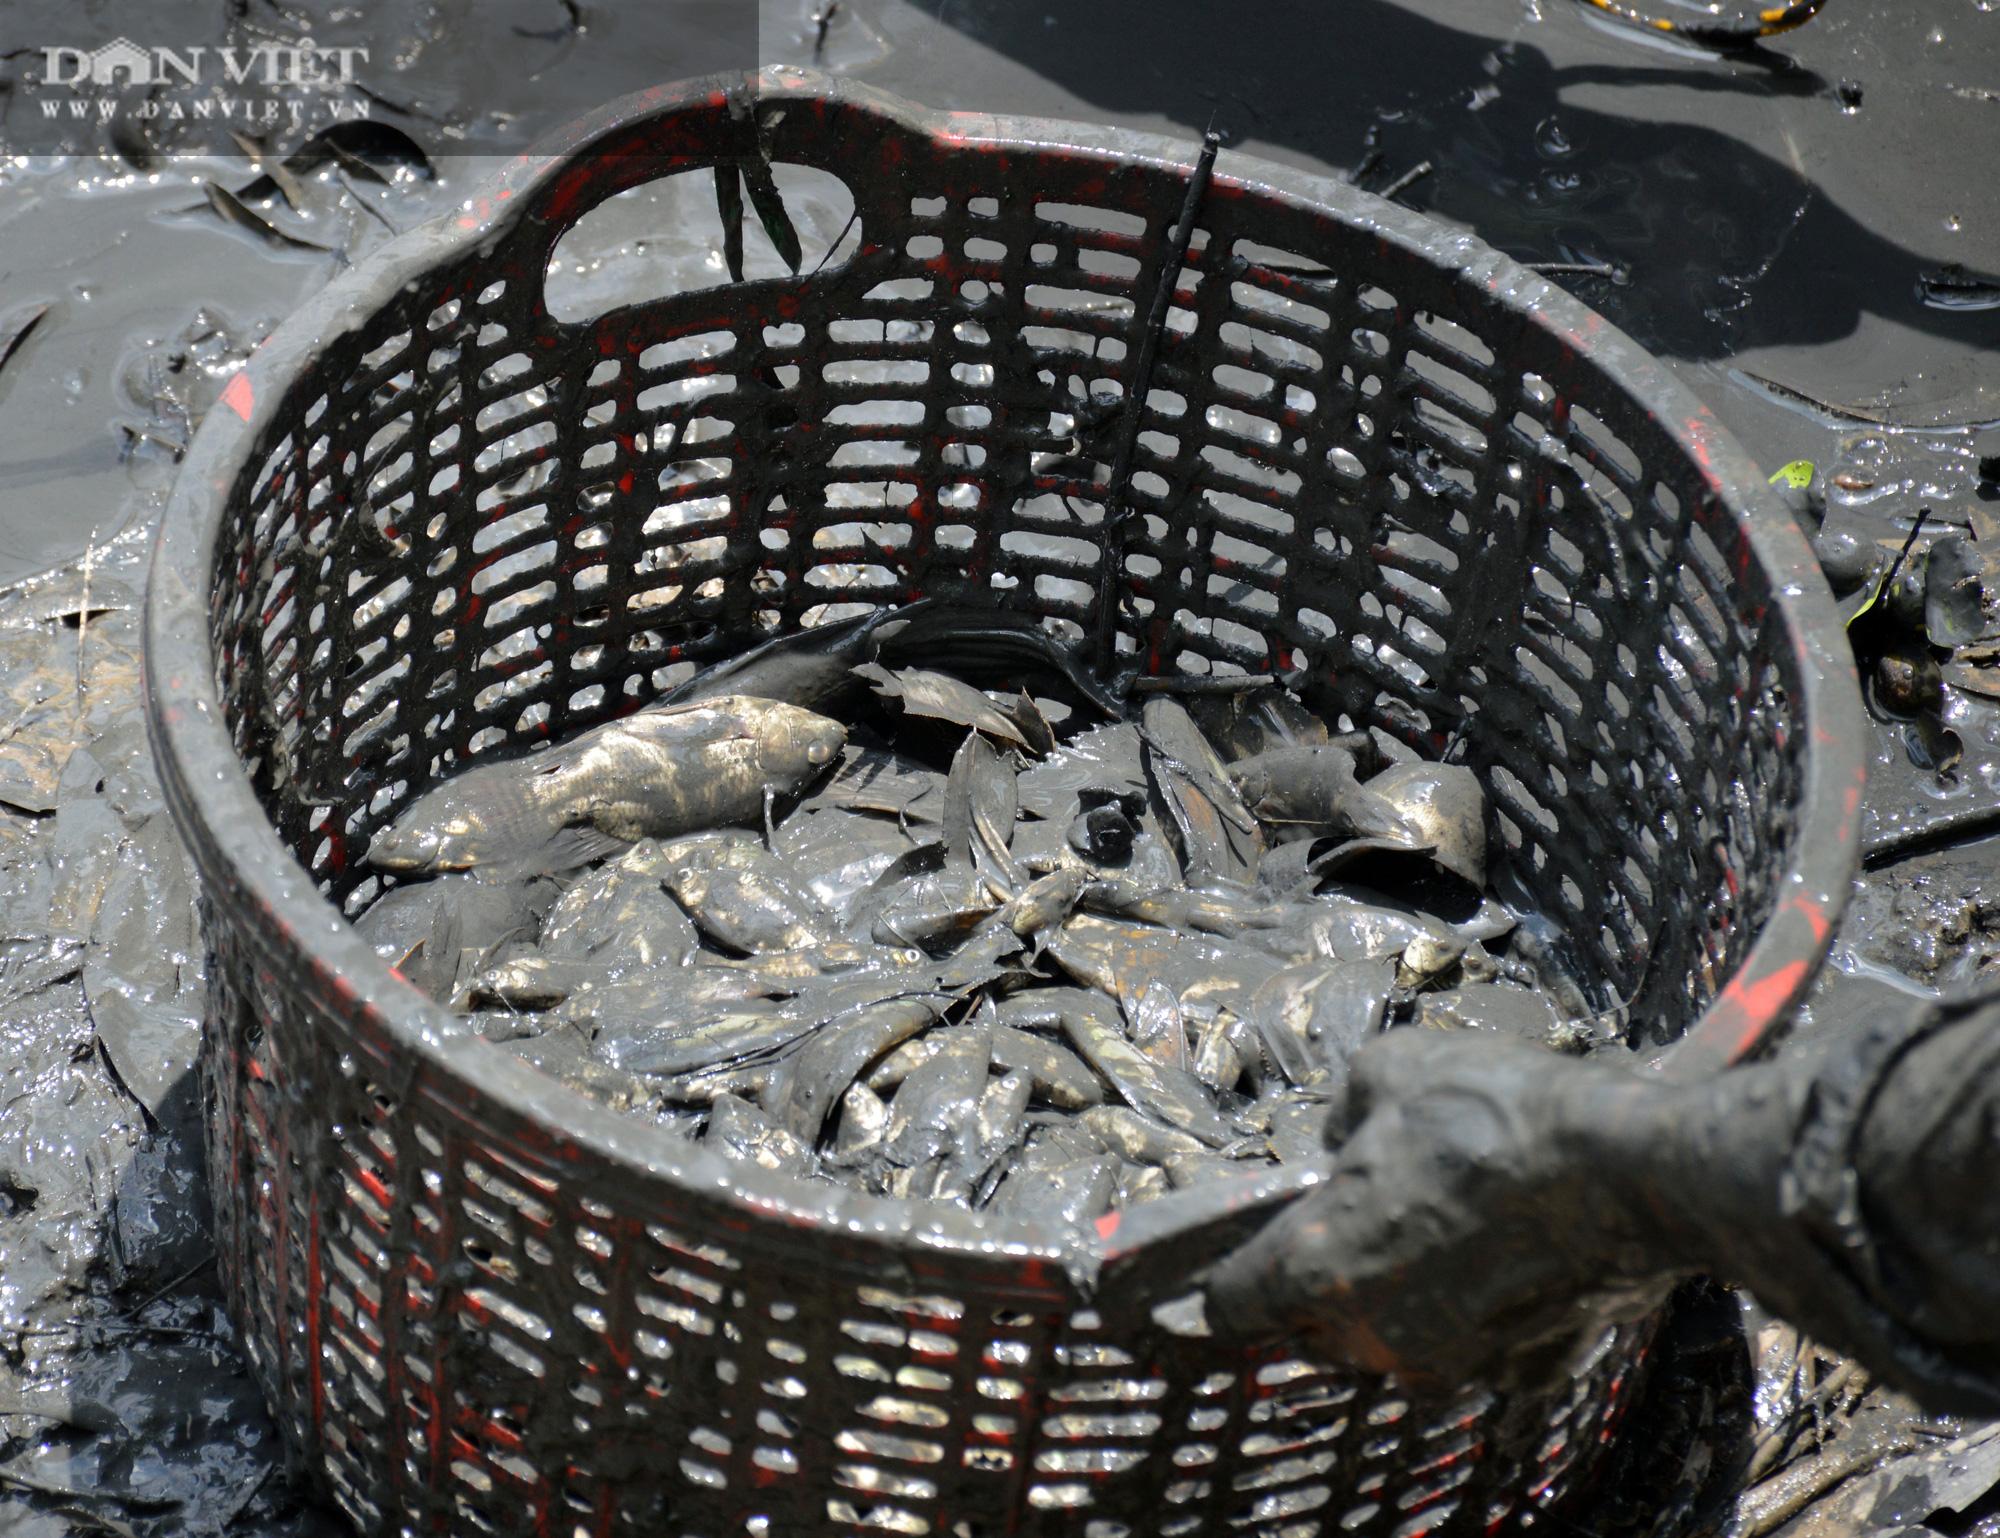 Về Cà Mau tát đìa bắt cá đồng to bự mang nướng than giữa đồng - Ảnh 8.